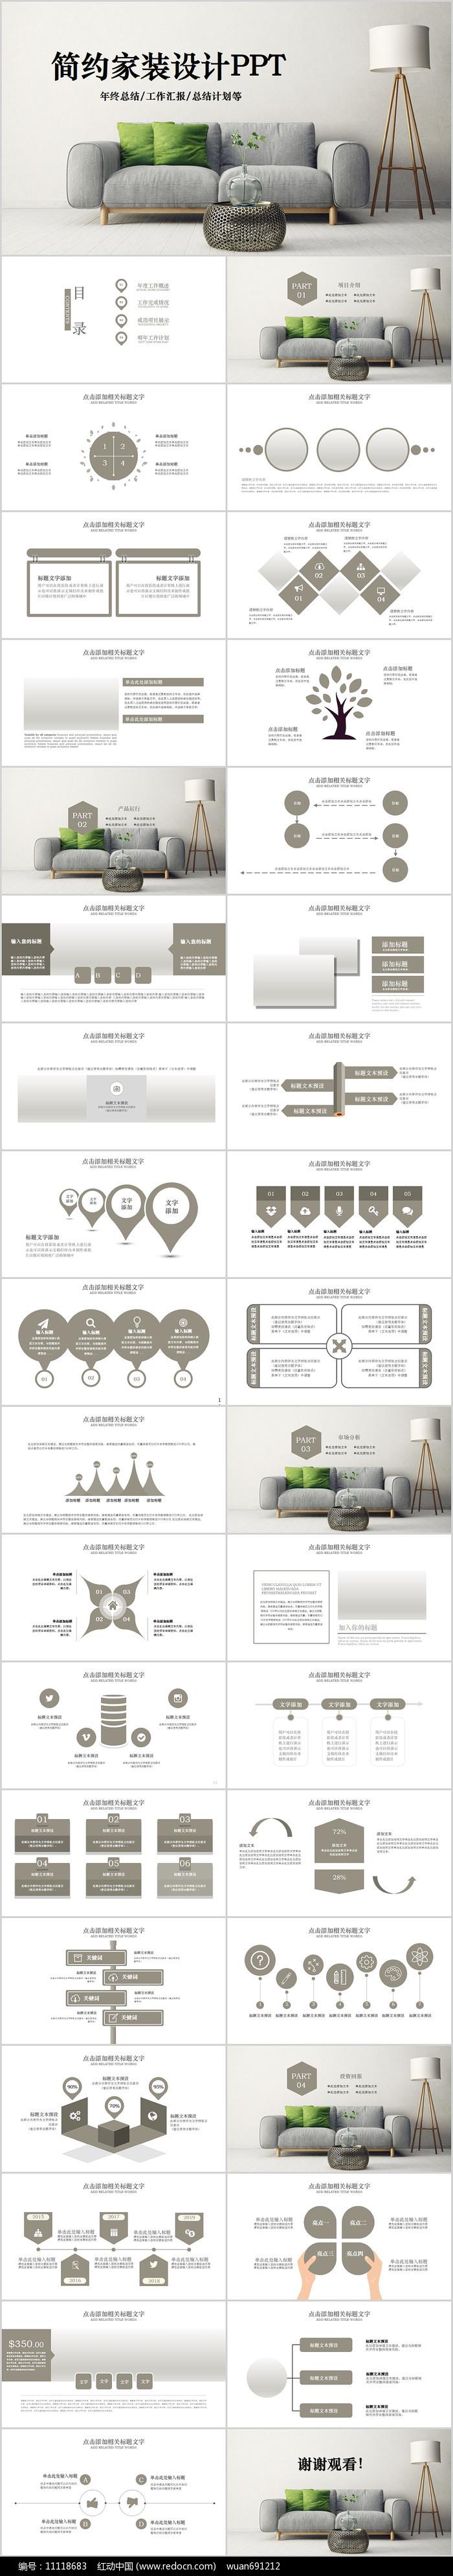 家装装饰公司介绍模板家装室内设计ppt图片